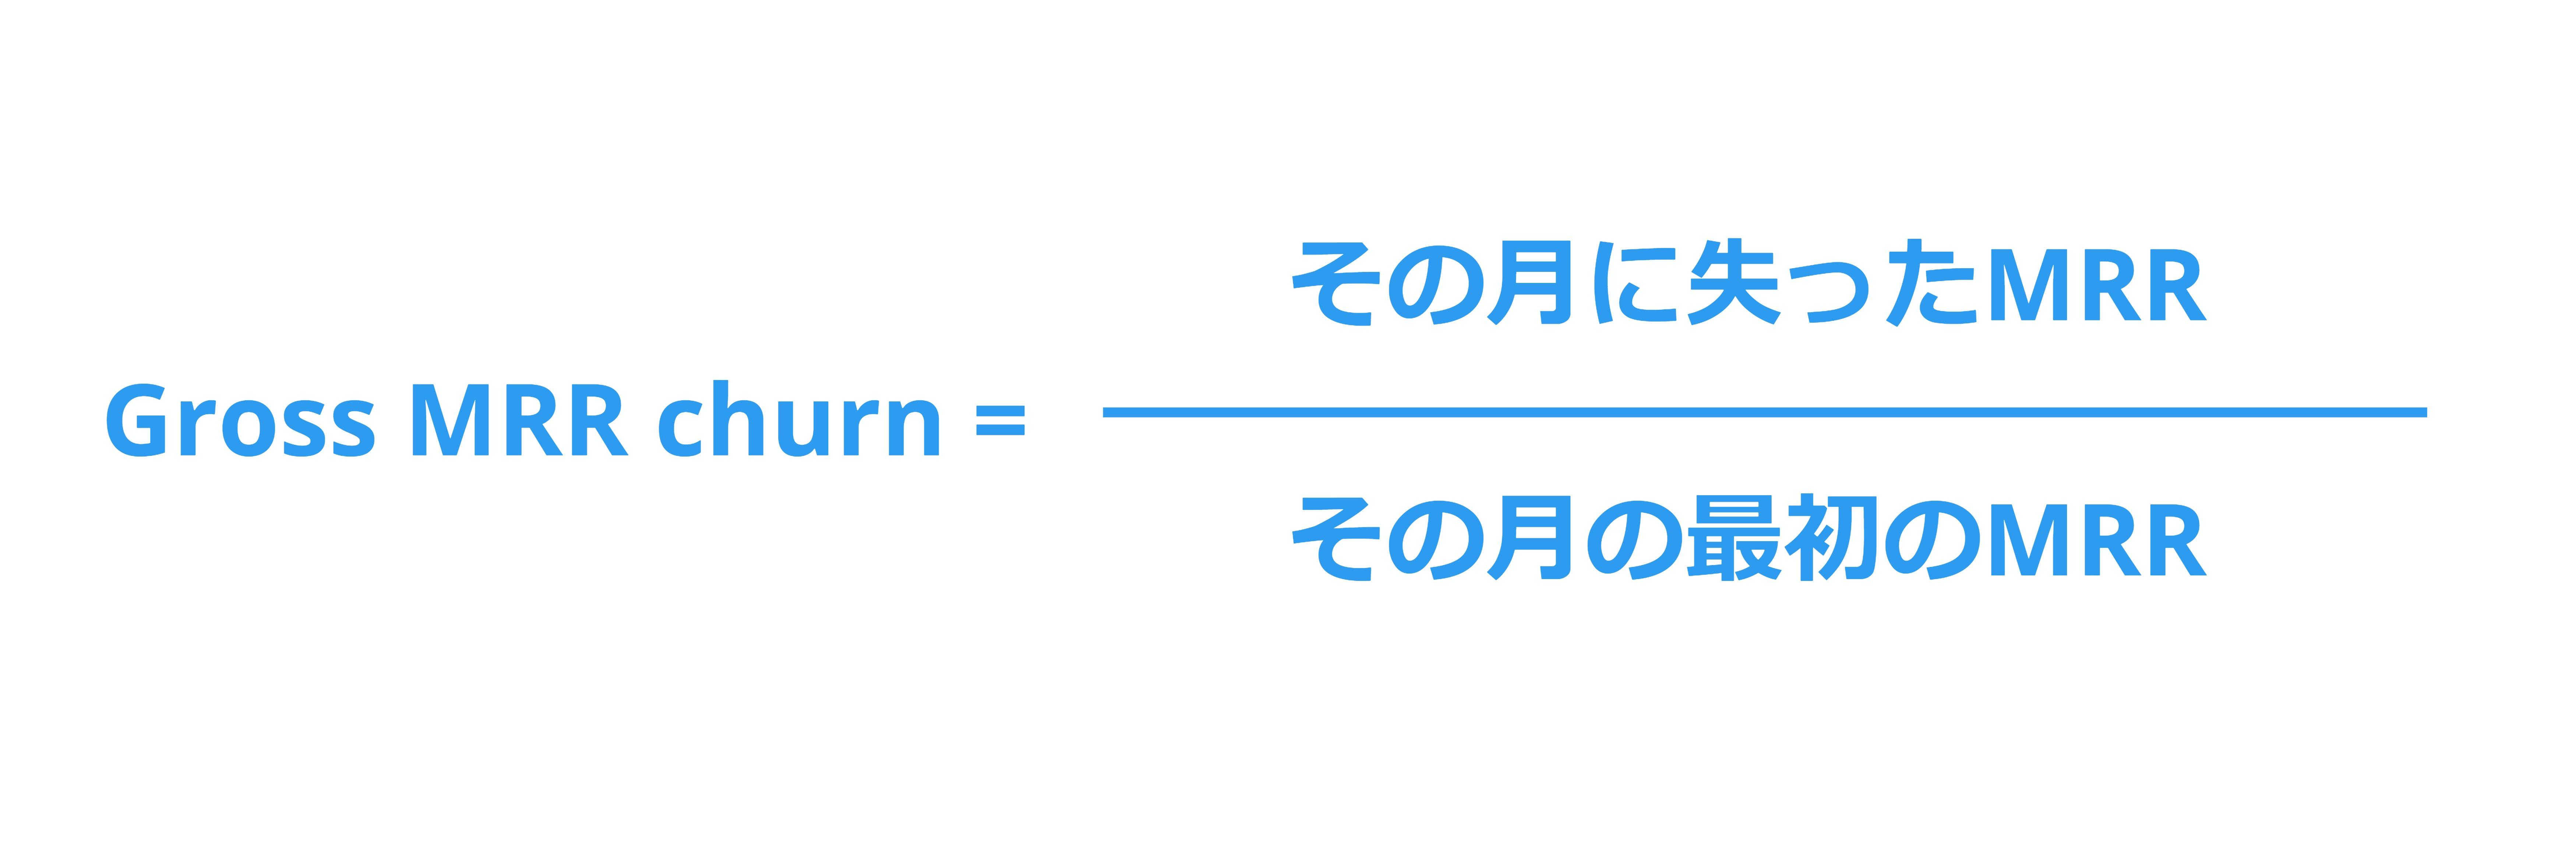 Gross MRR Churnの計算方法